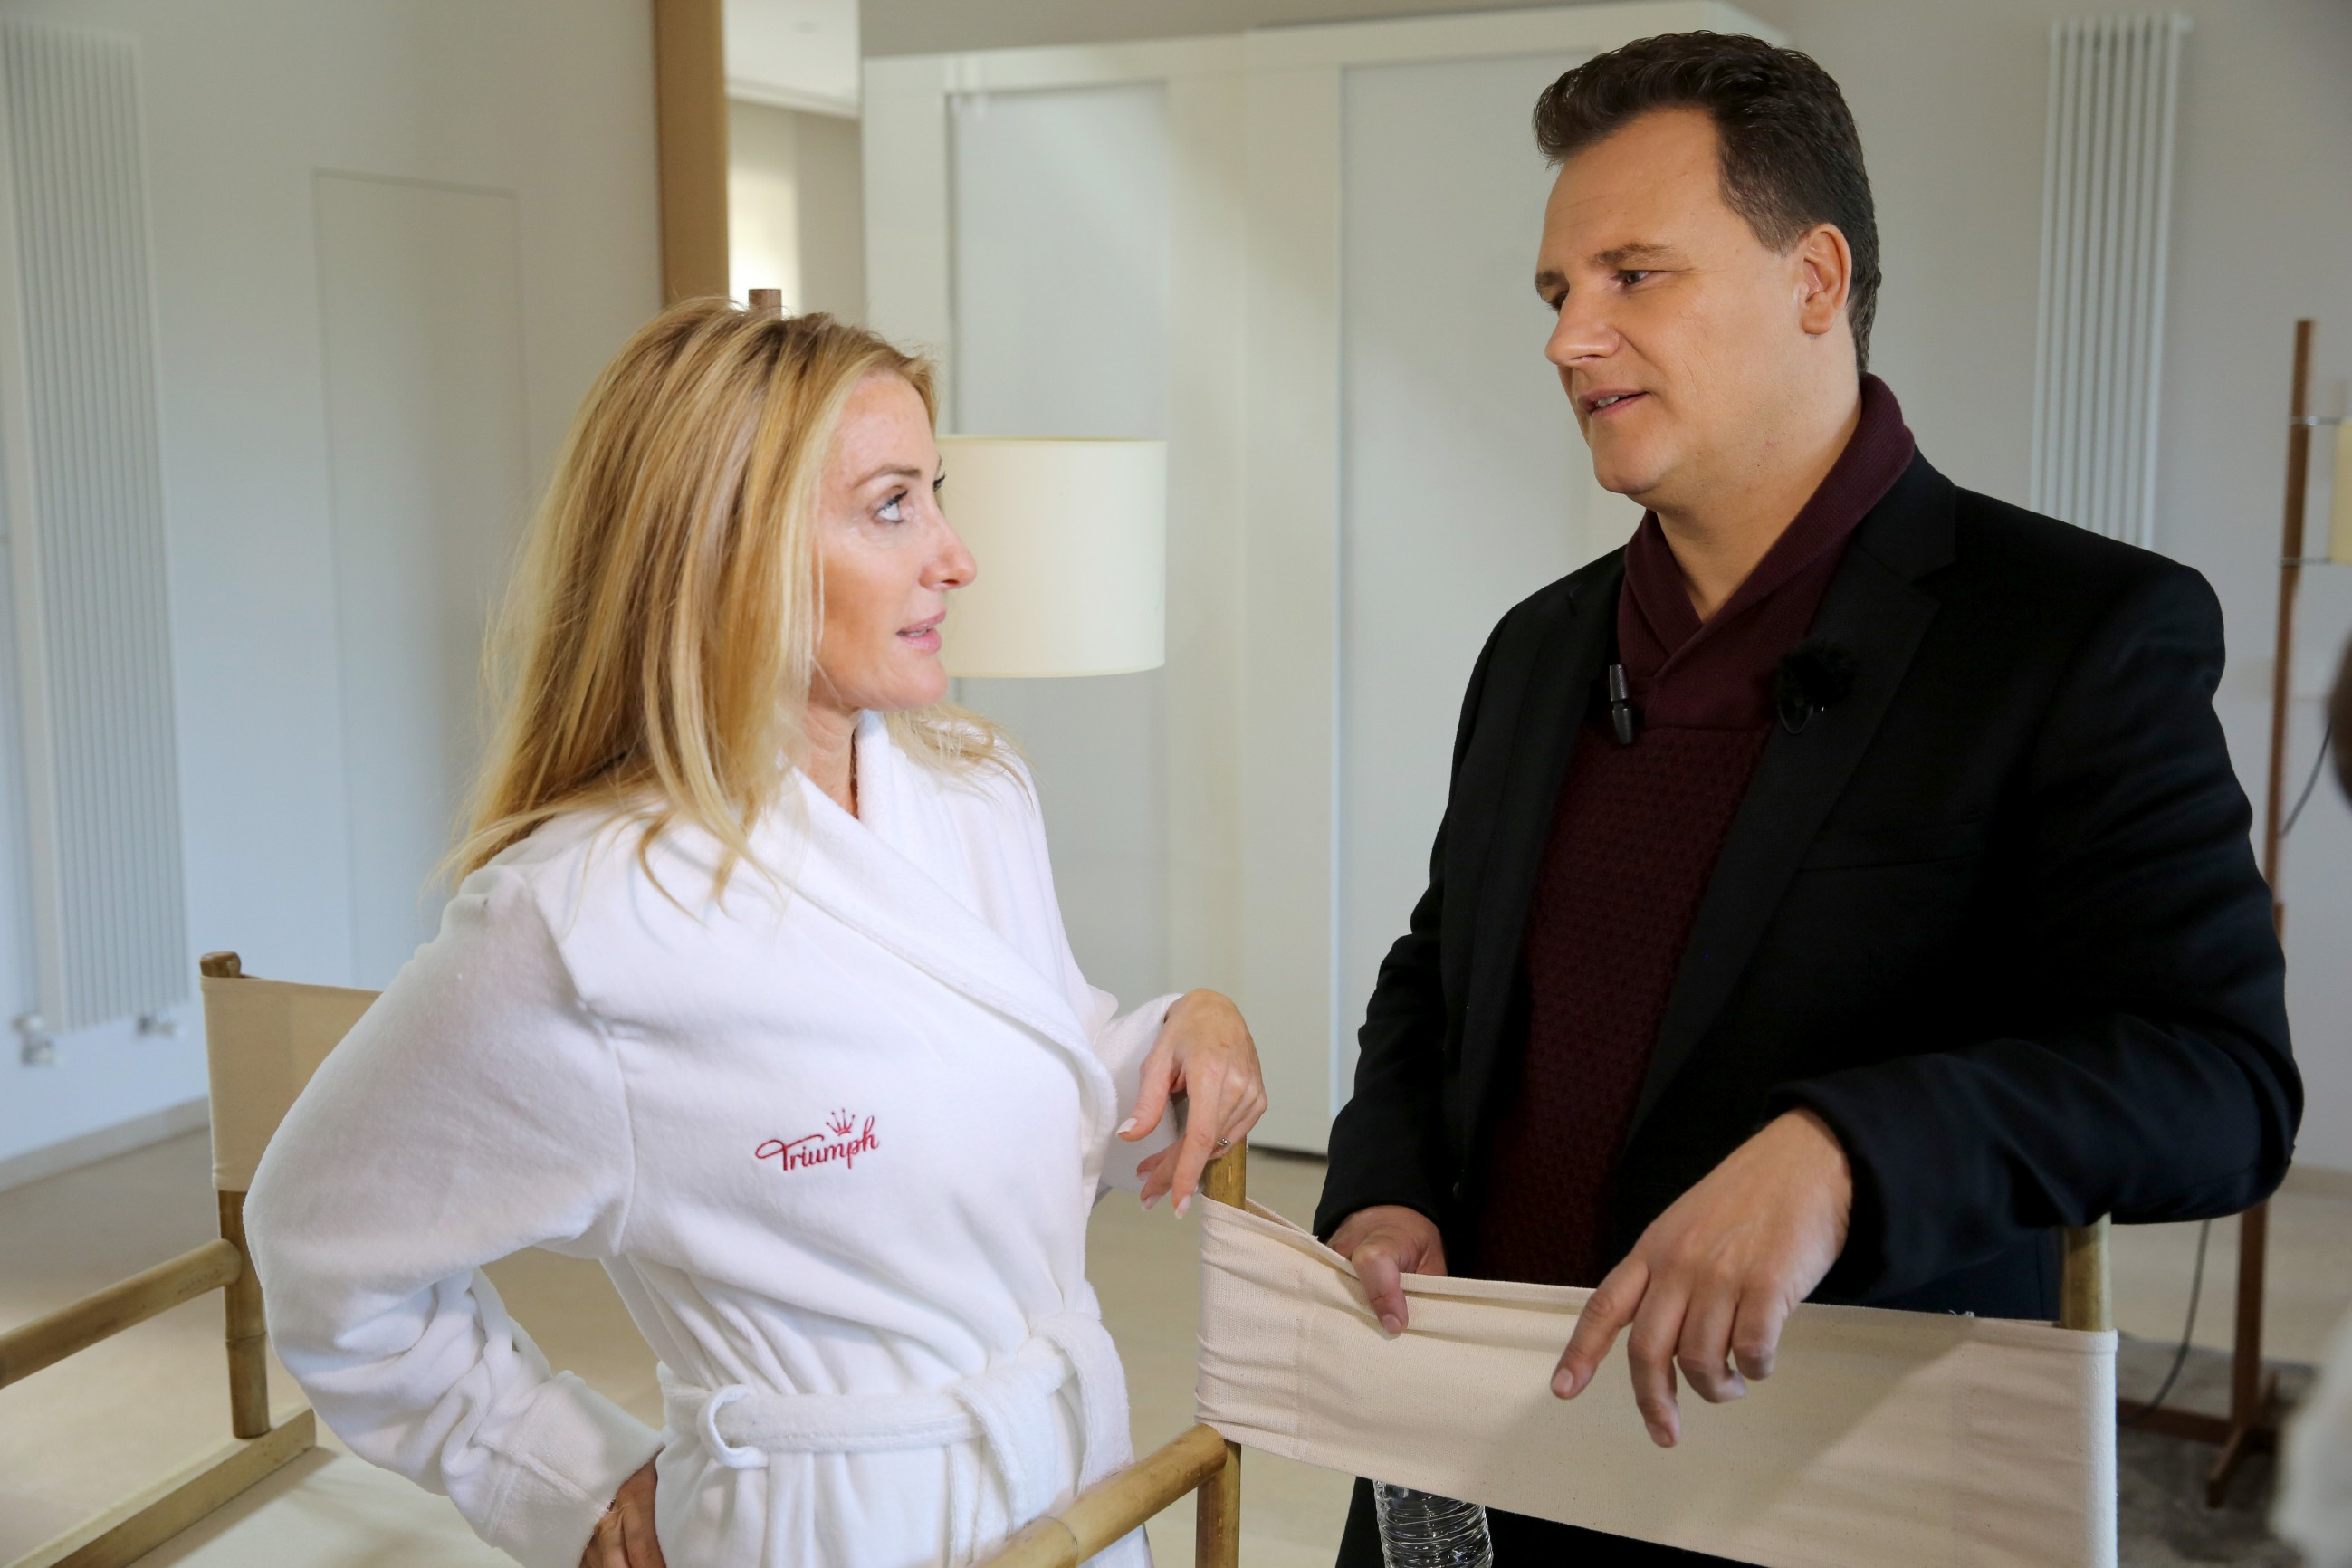 frauen beim sperma schlucken sextoys haushalt